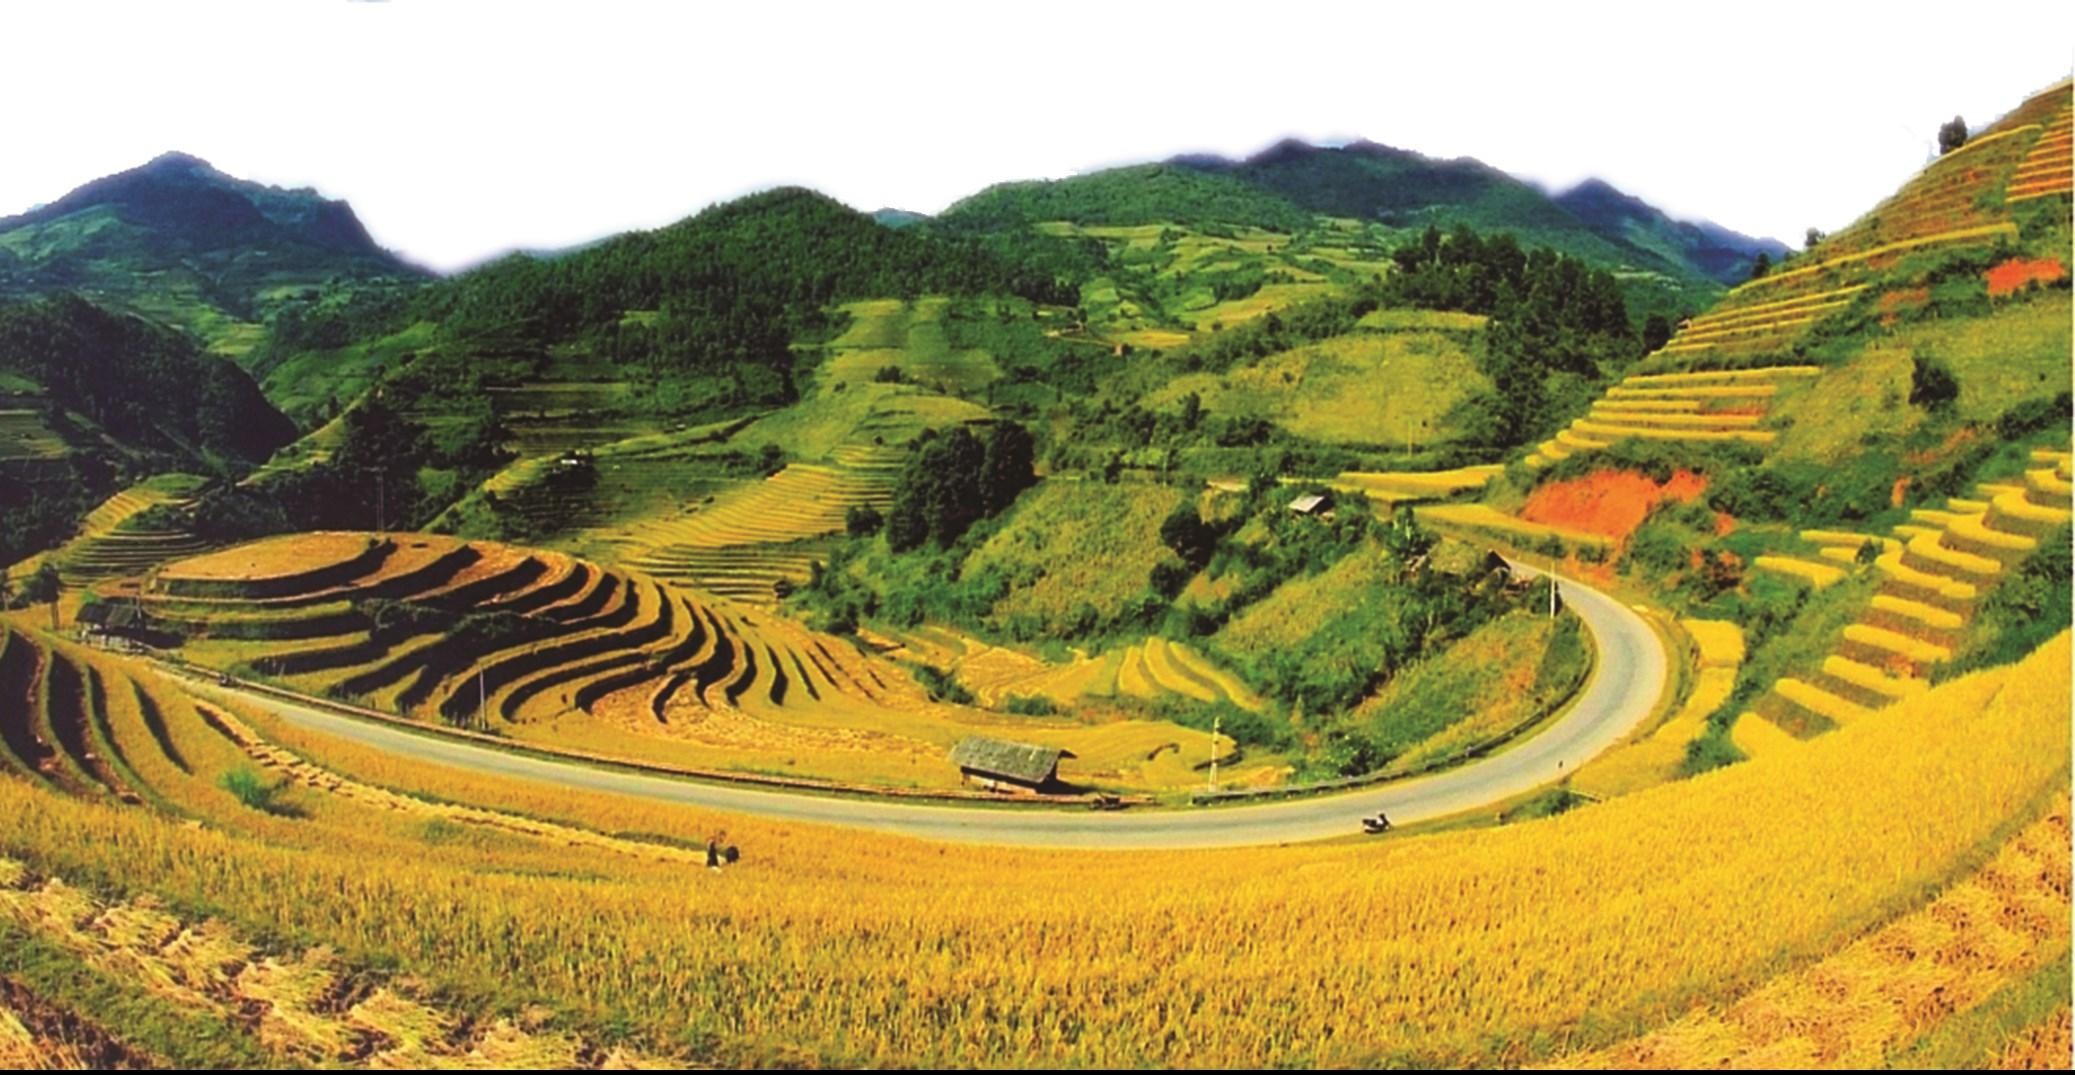 Tỉnh Yên Bái tự hào vì có danh thắng ruộng bậc thang Mù Cang Chải được công nhận là Danh thắng cấp quốc gia.